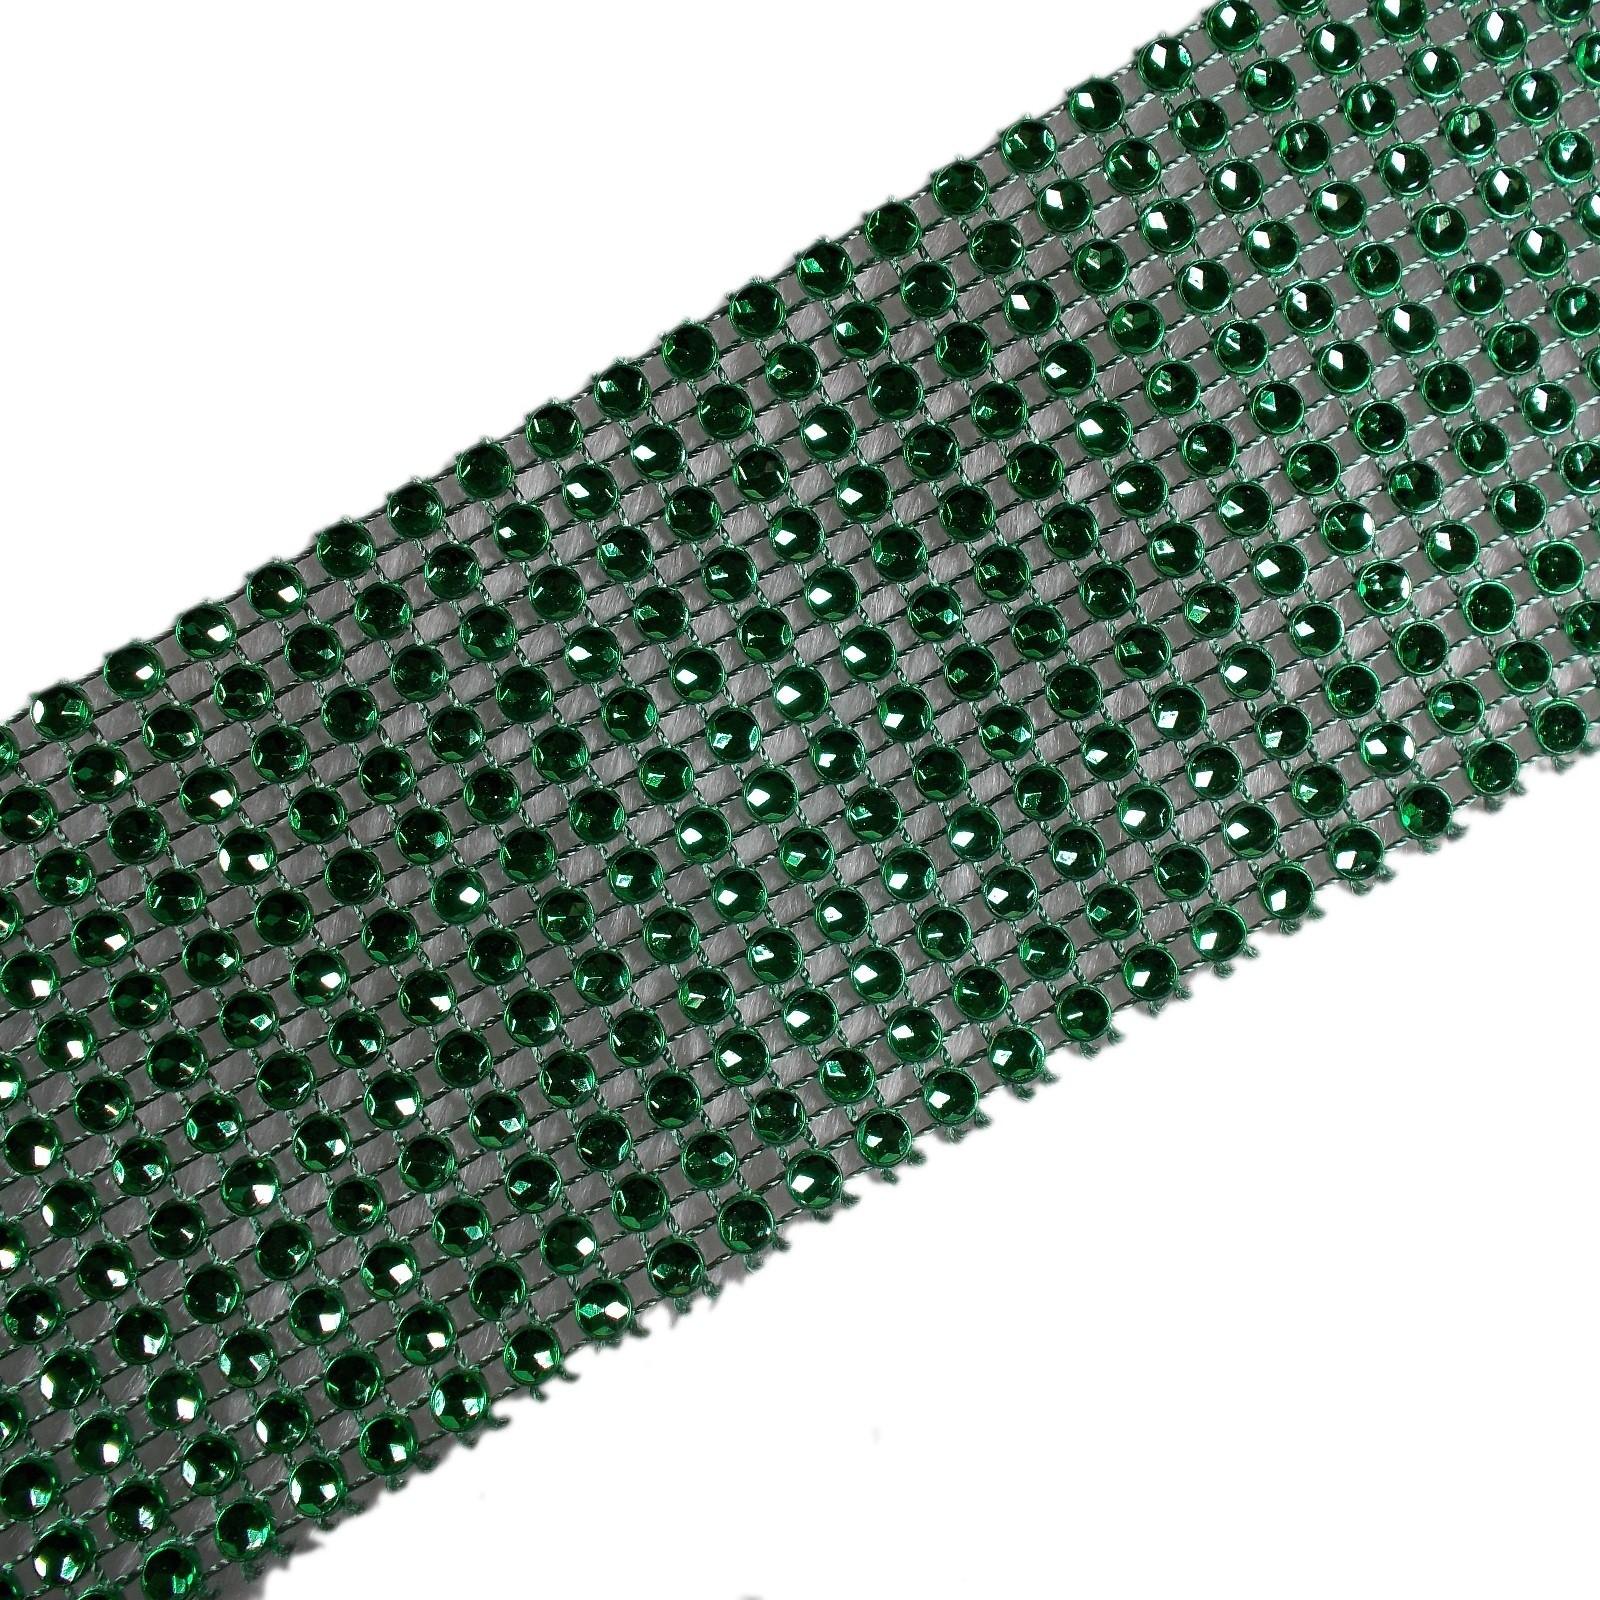 12 Row Diamante Trim 6cm Wide Green 2 metre length